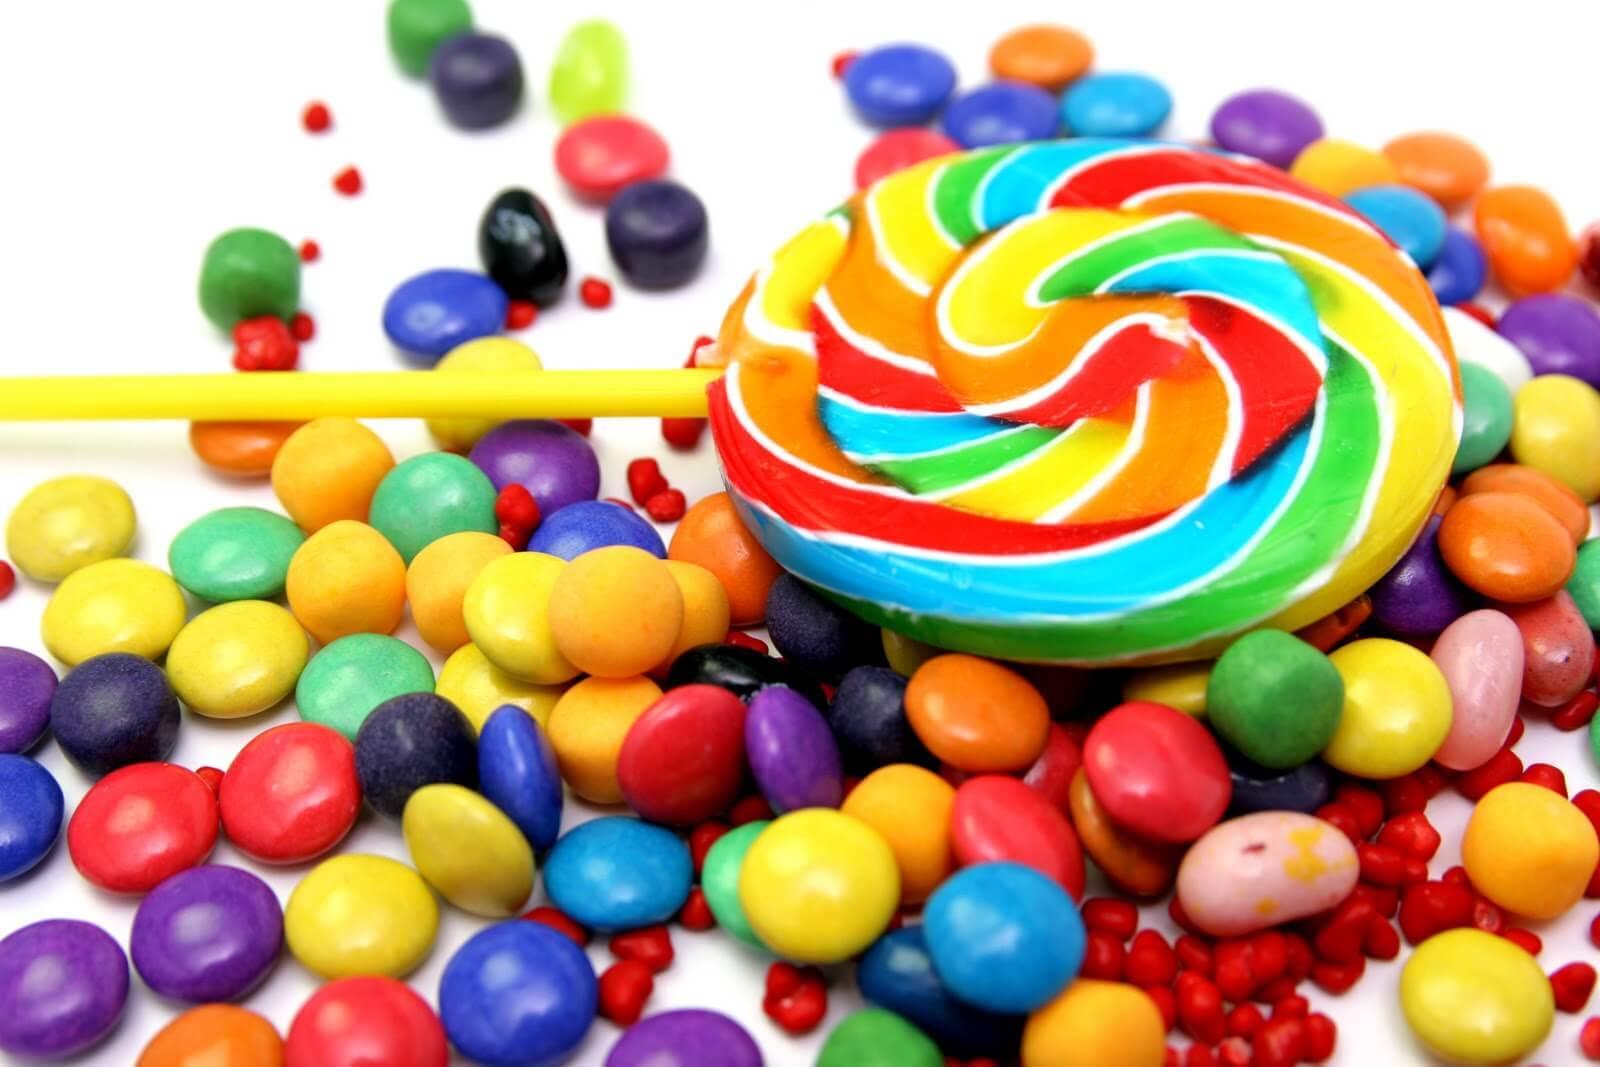 6_vinkkiä_sokerin_vähentämiseksi